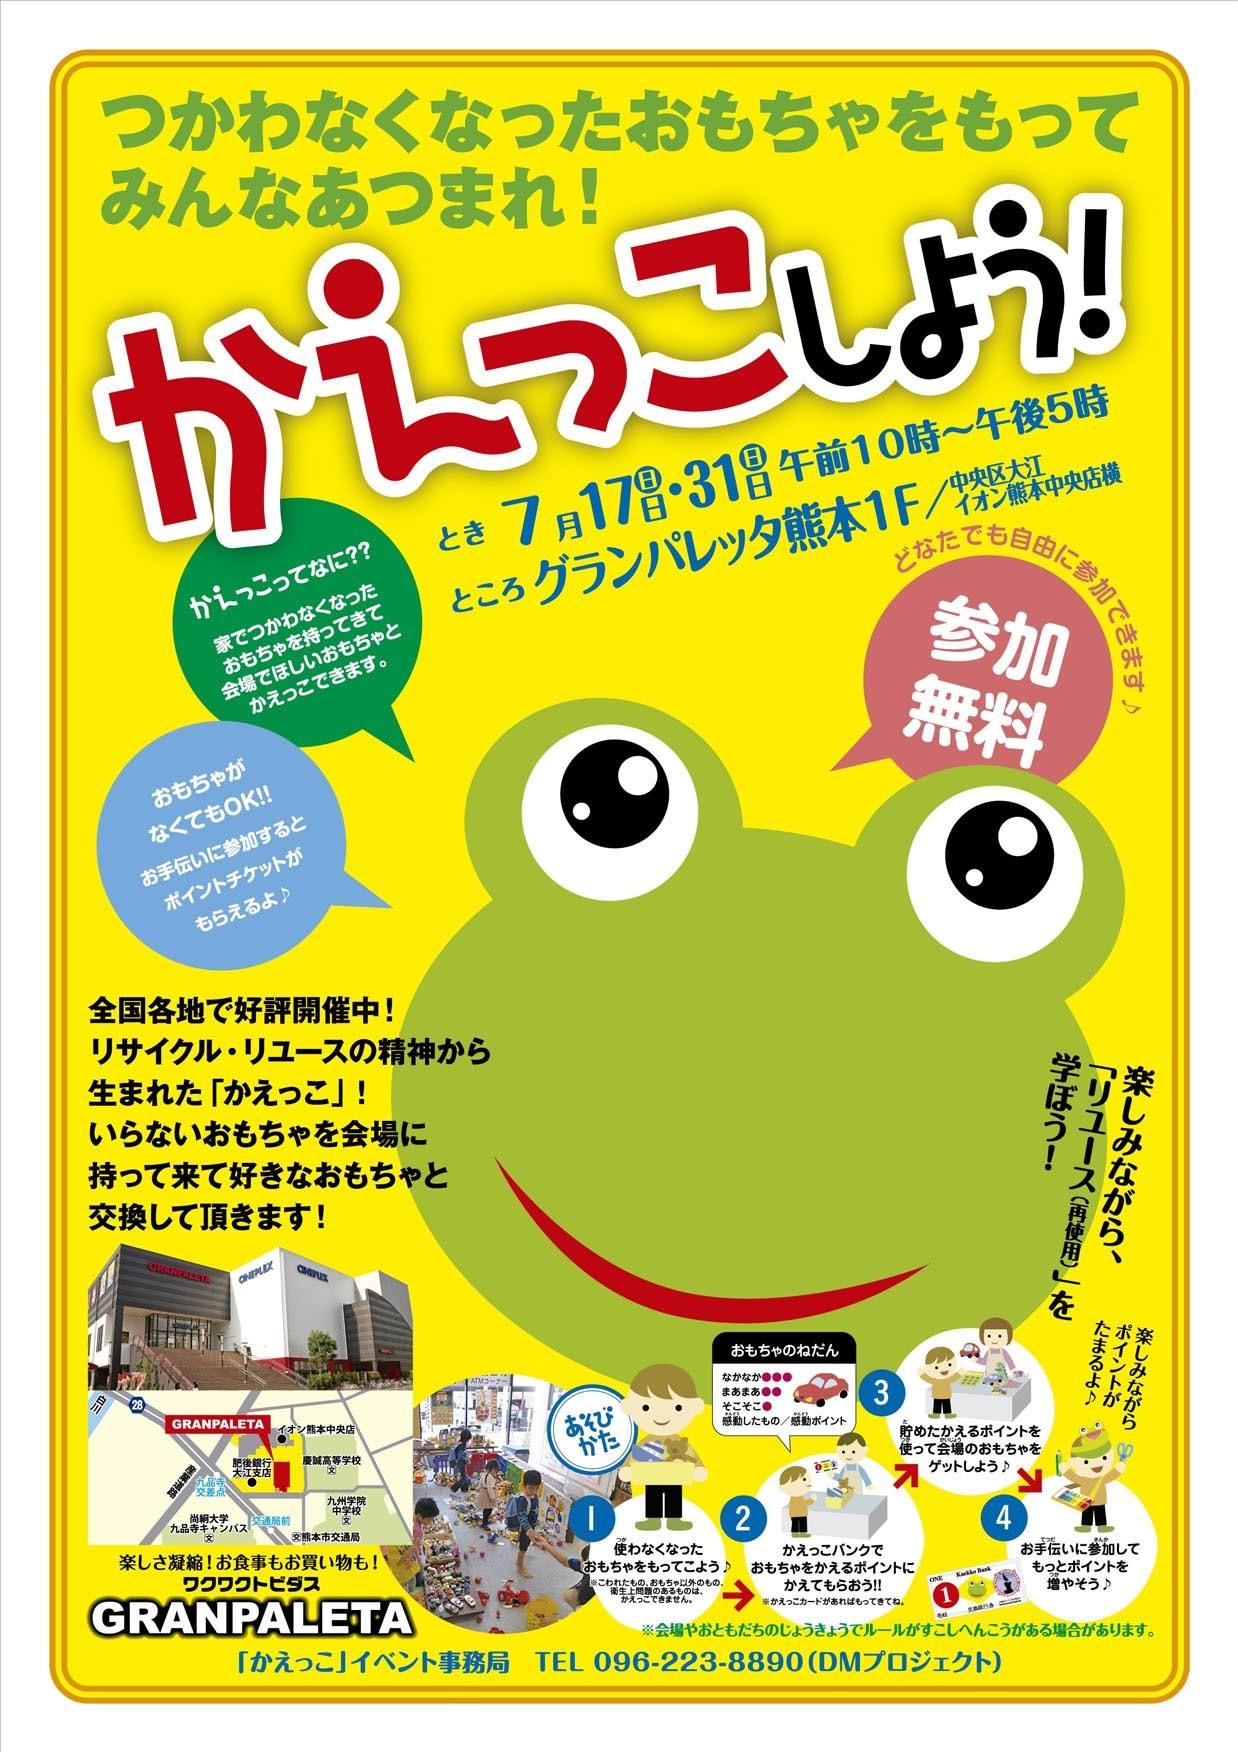 熊本県熊本市からの開催情報_b0087598_16205268.jpg